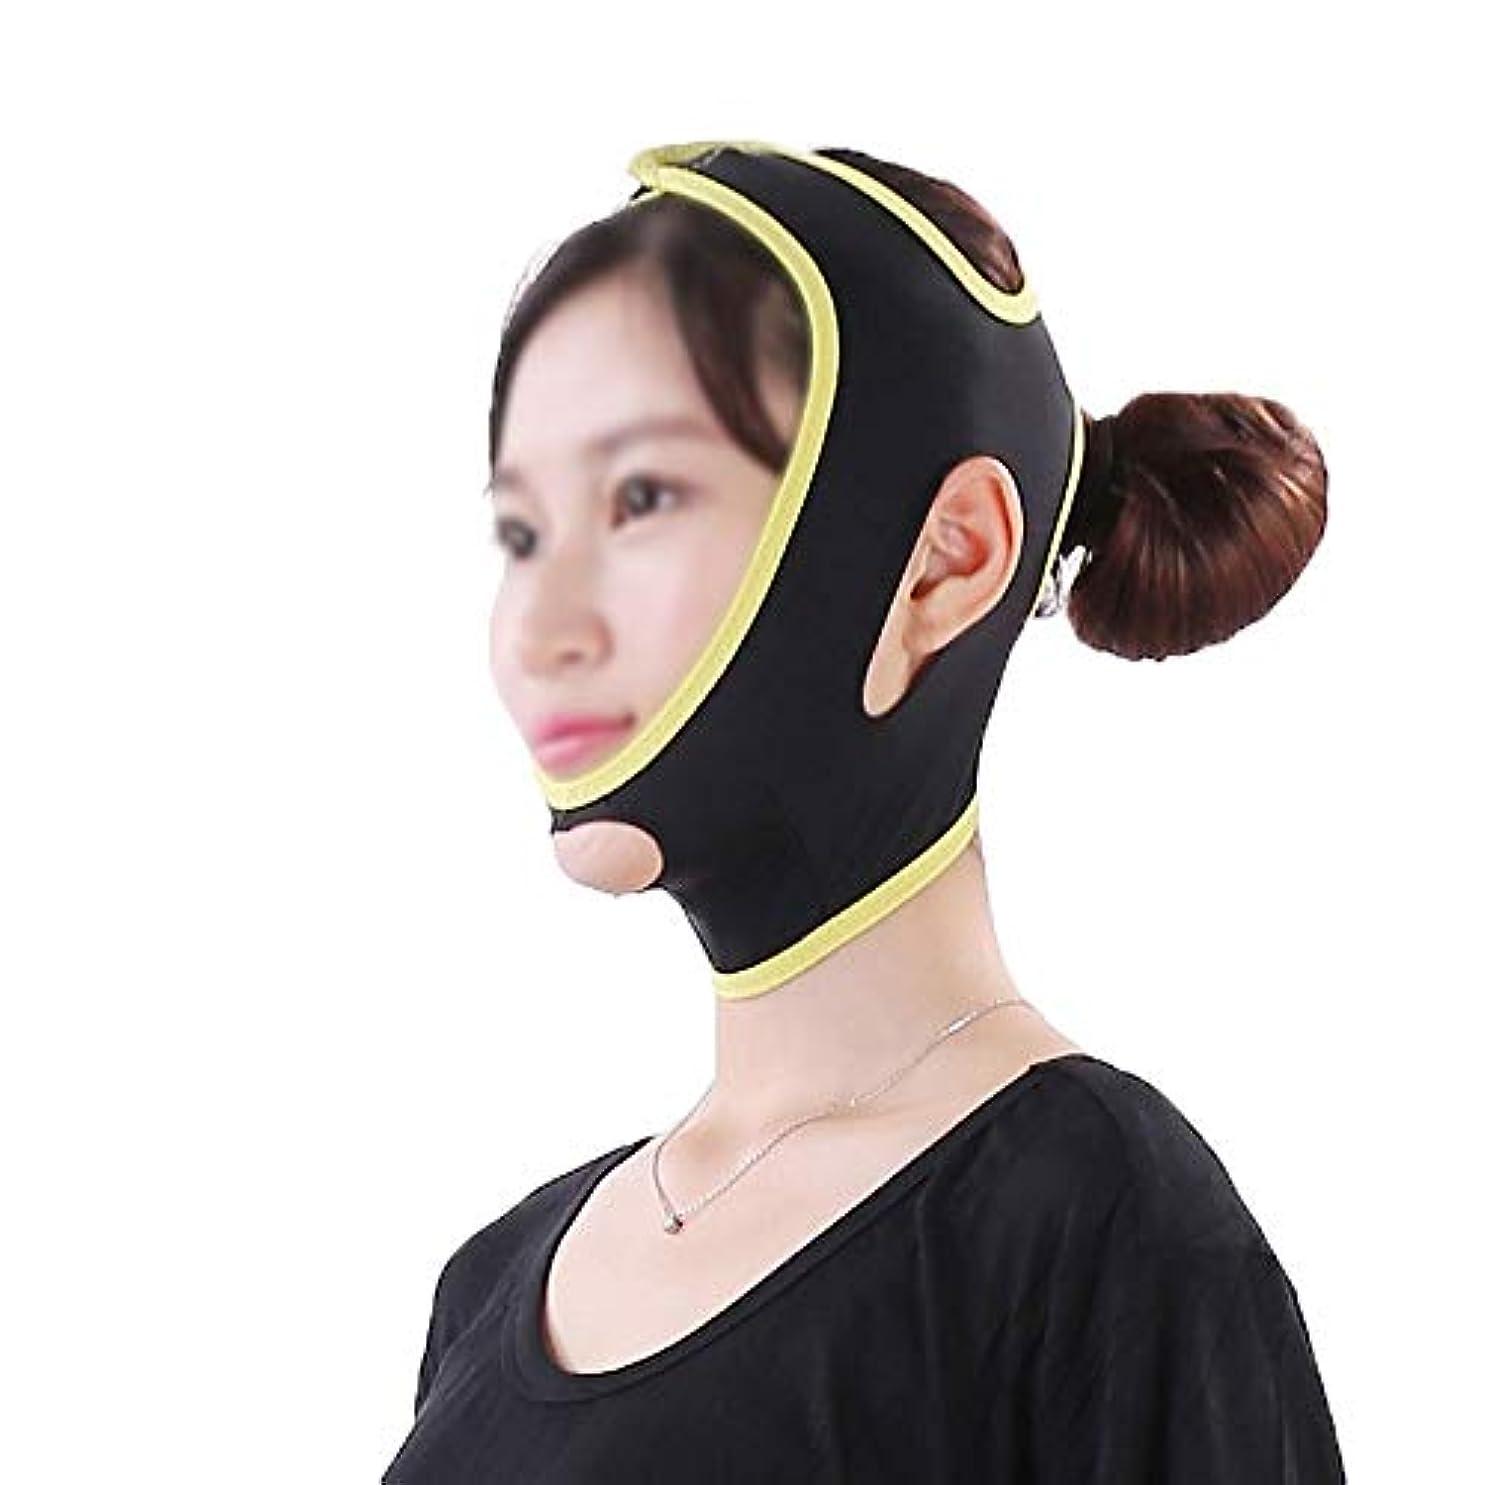 各最も早いサロンフェイス&ネックリフト、フェイスリフトマスク強力なフェイスマスクフェイスリフトアーチファクトフェイスリフティングフェイスリフティングツールフェイスリフティング包帯薄いフェイスマスク美容マスク (Size : L)